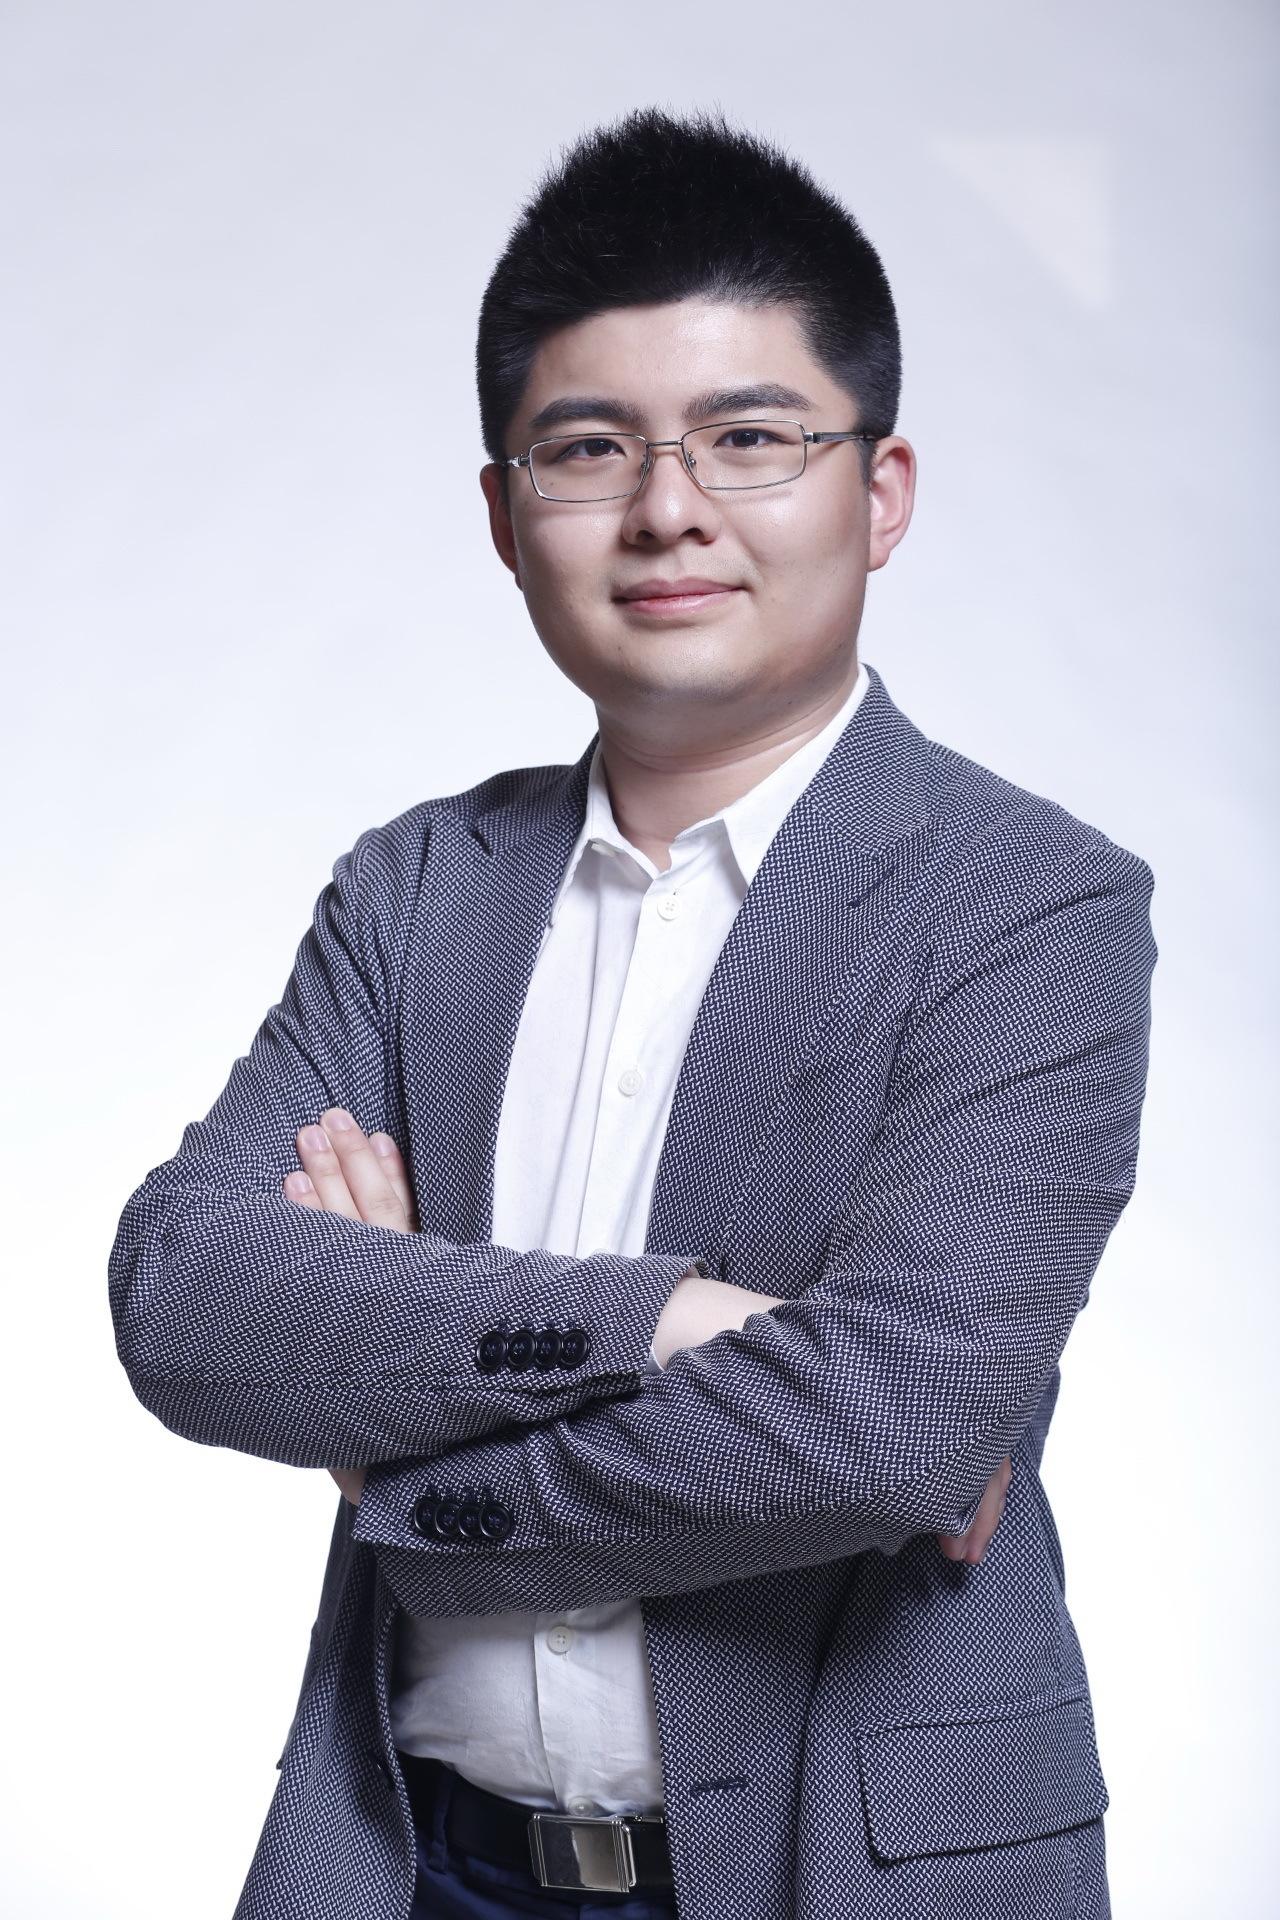 Mingyang Li